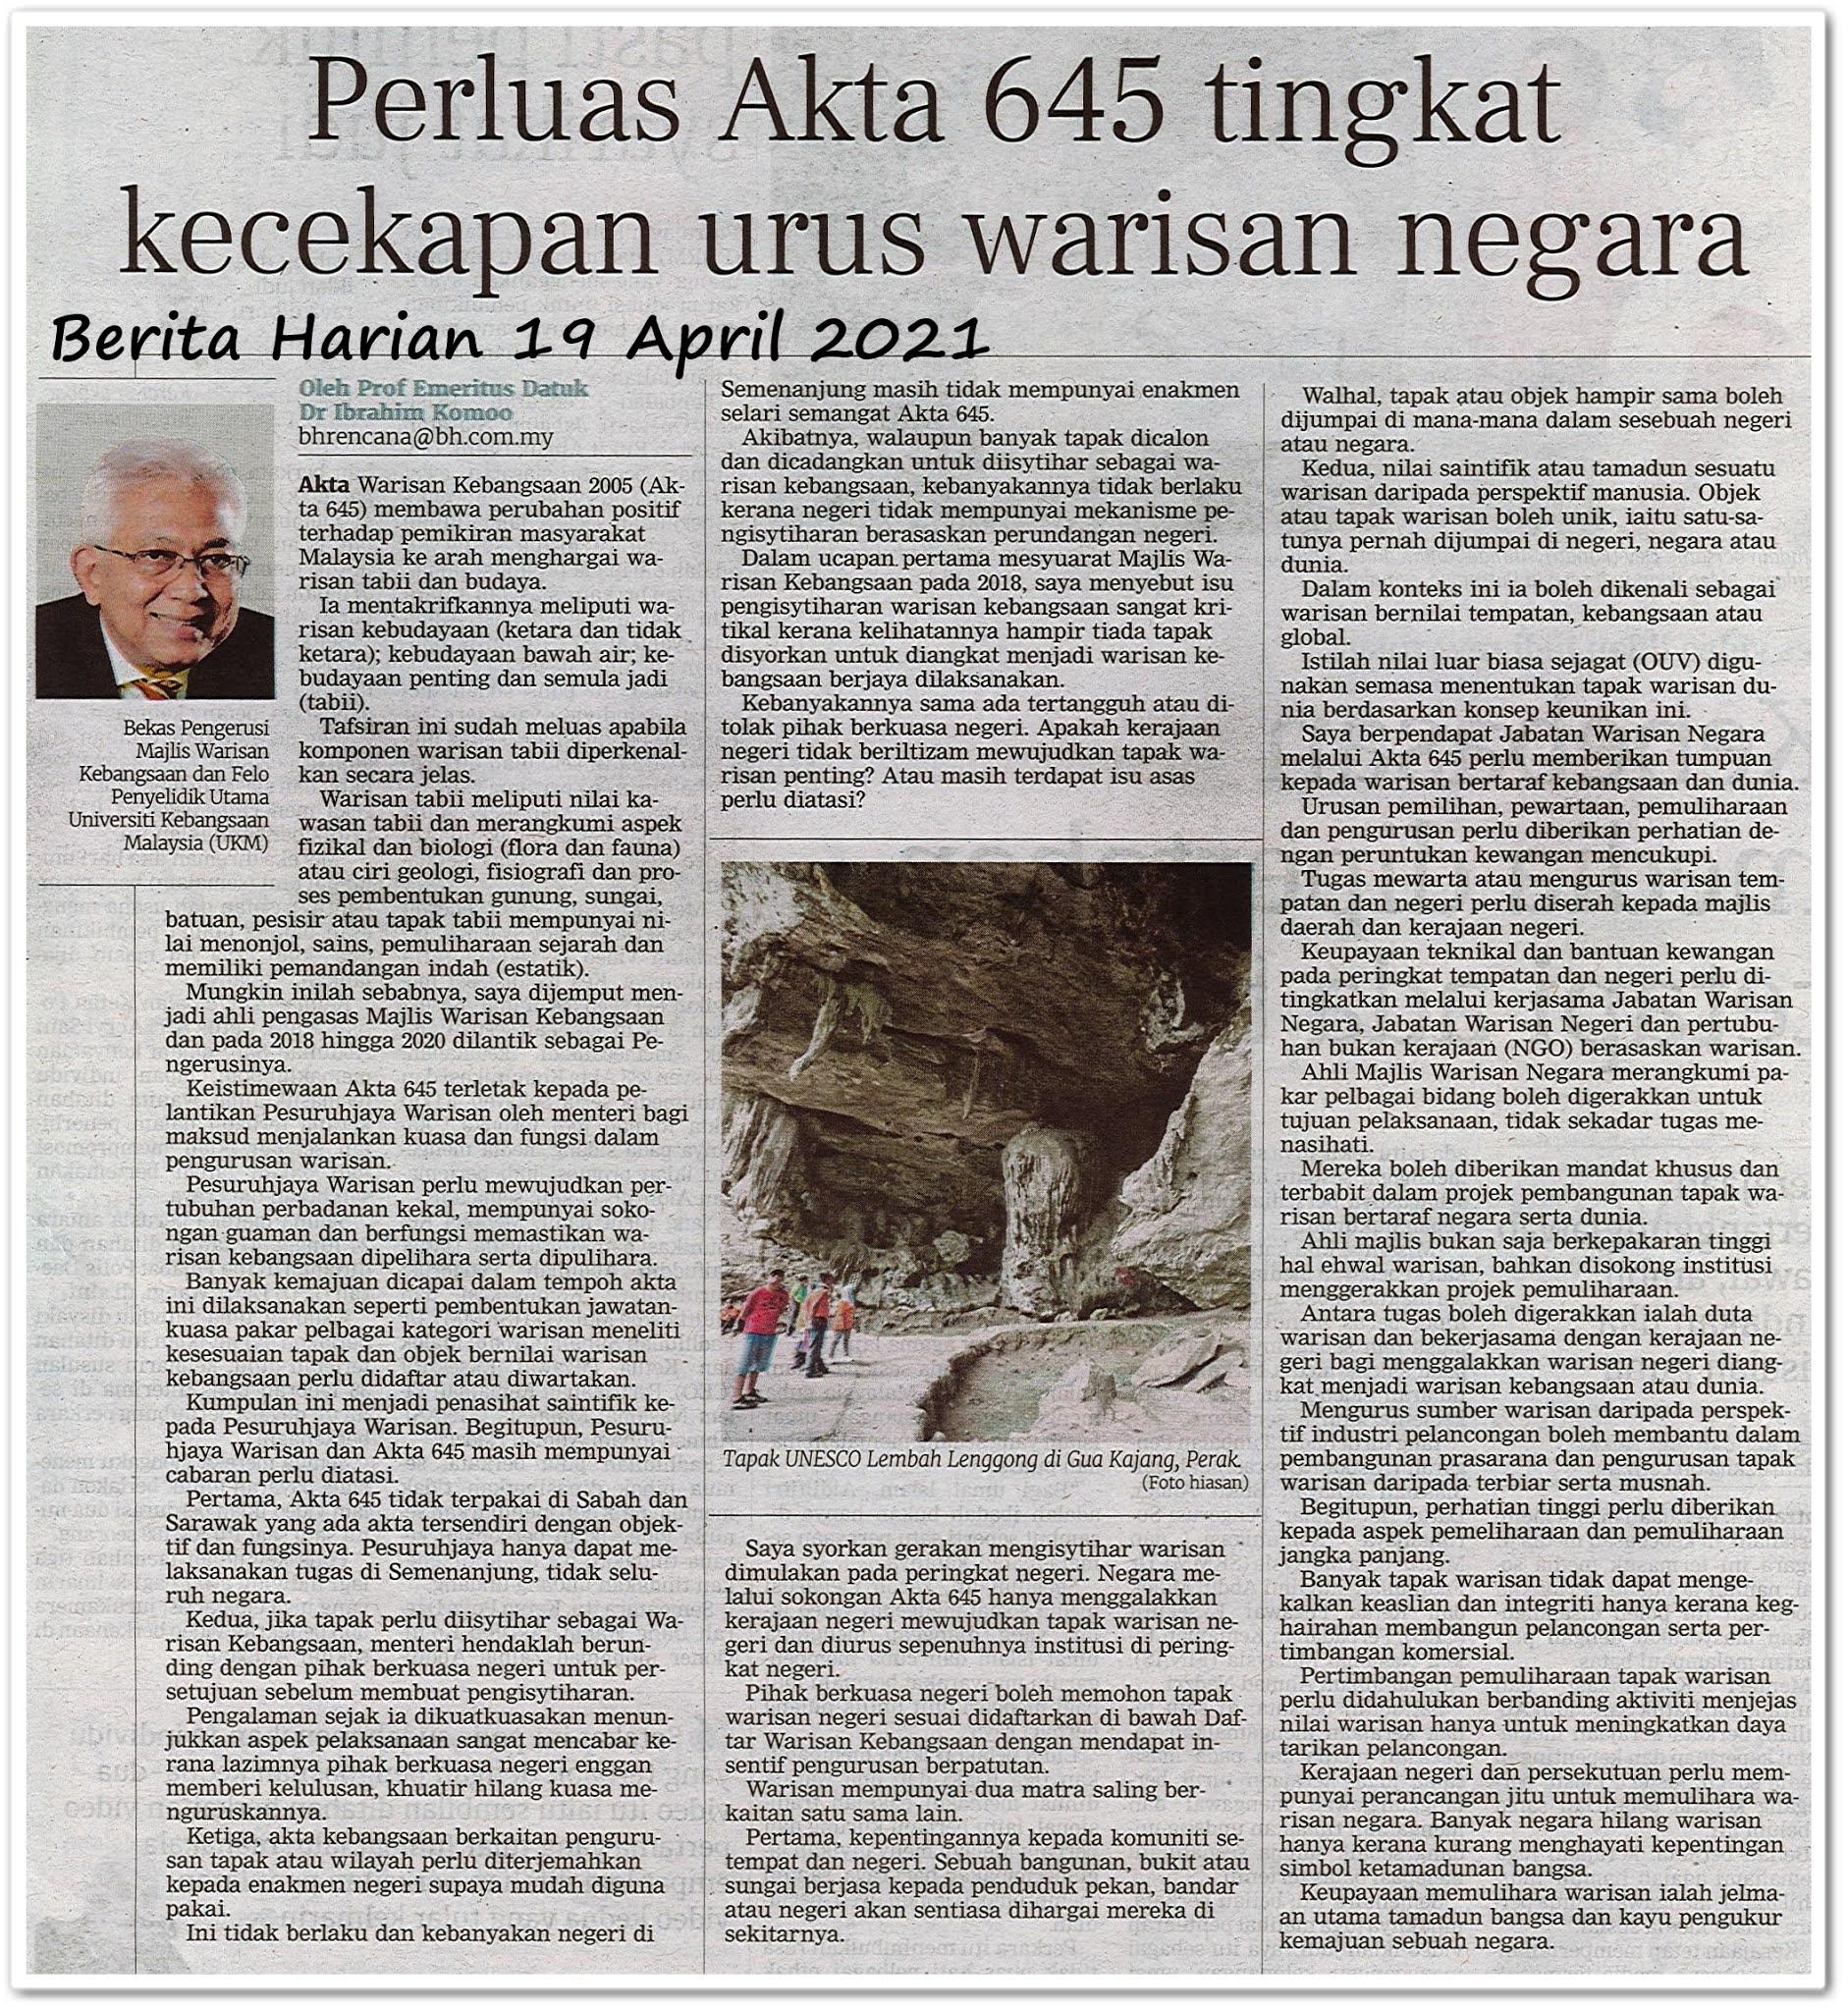 Perluas Akta 645 tingkat kecekapan urus warisan negara - Keratan akhbar Berita Harian 19 April 2021